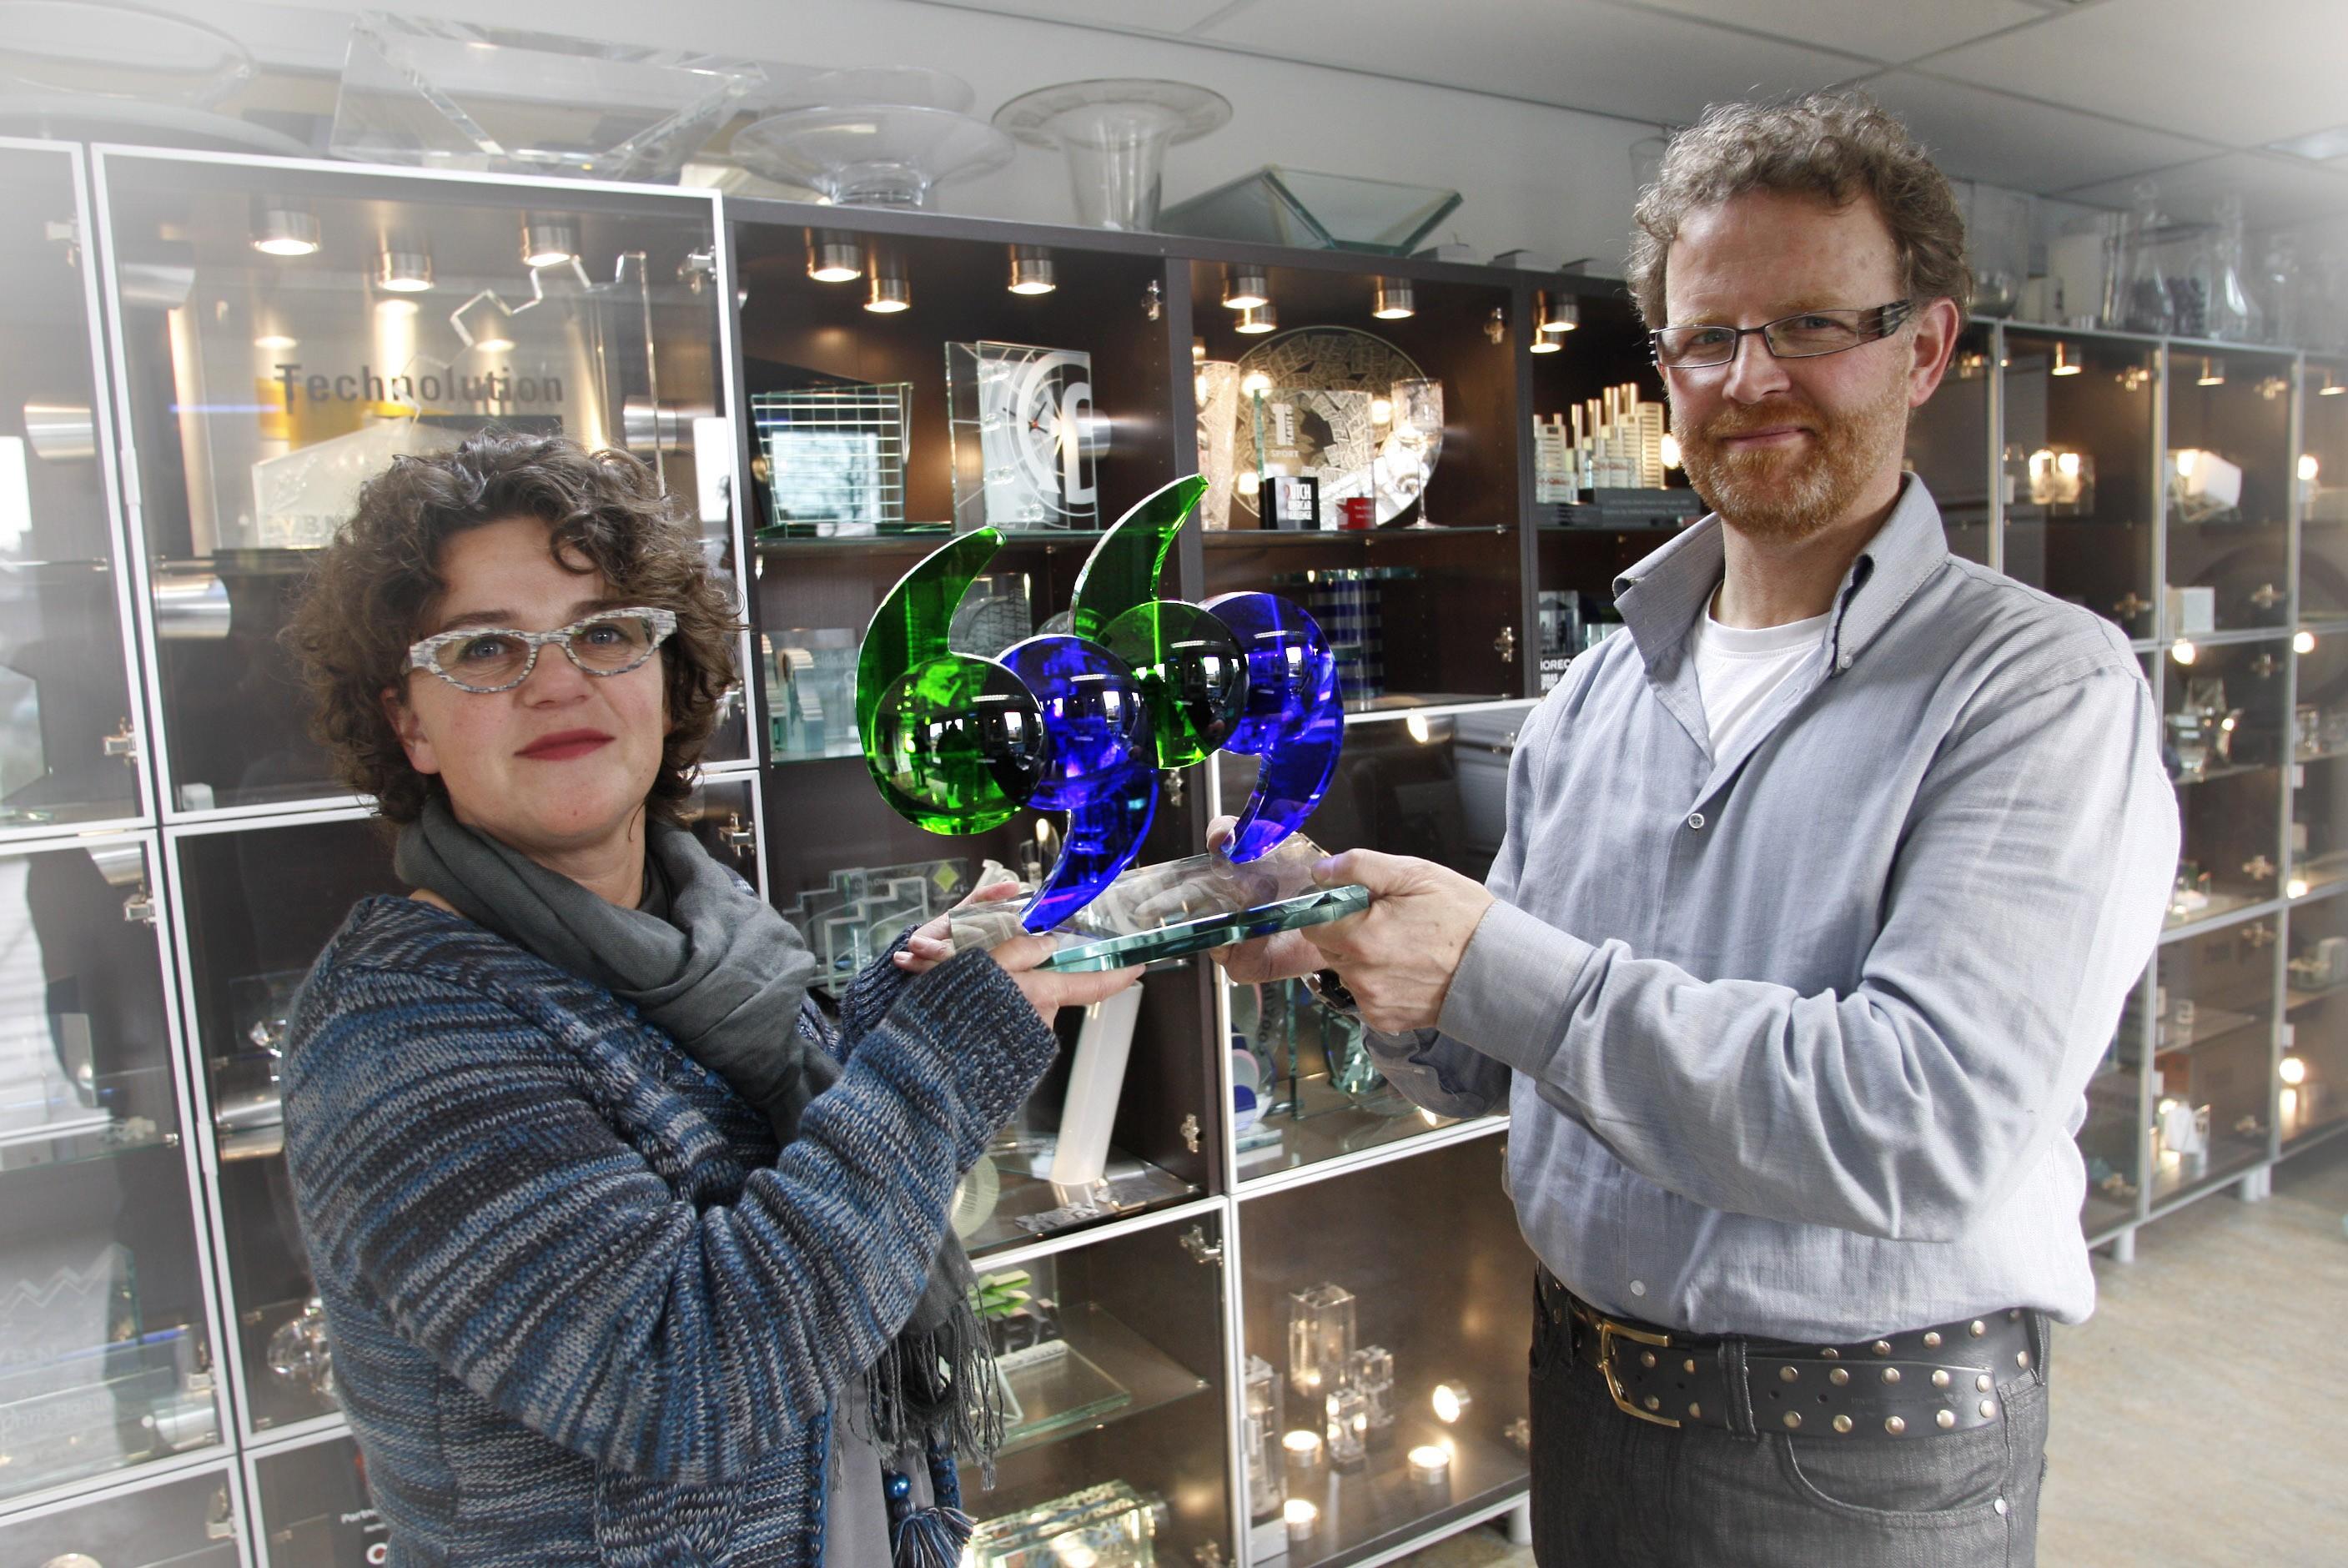 BUSINESS GLASS: WAT DOEN ZE NU EIGENLIJK – YOUTUBE